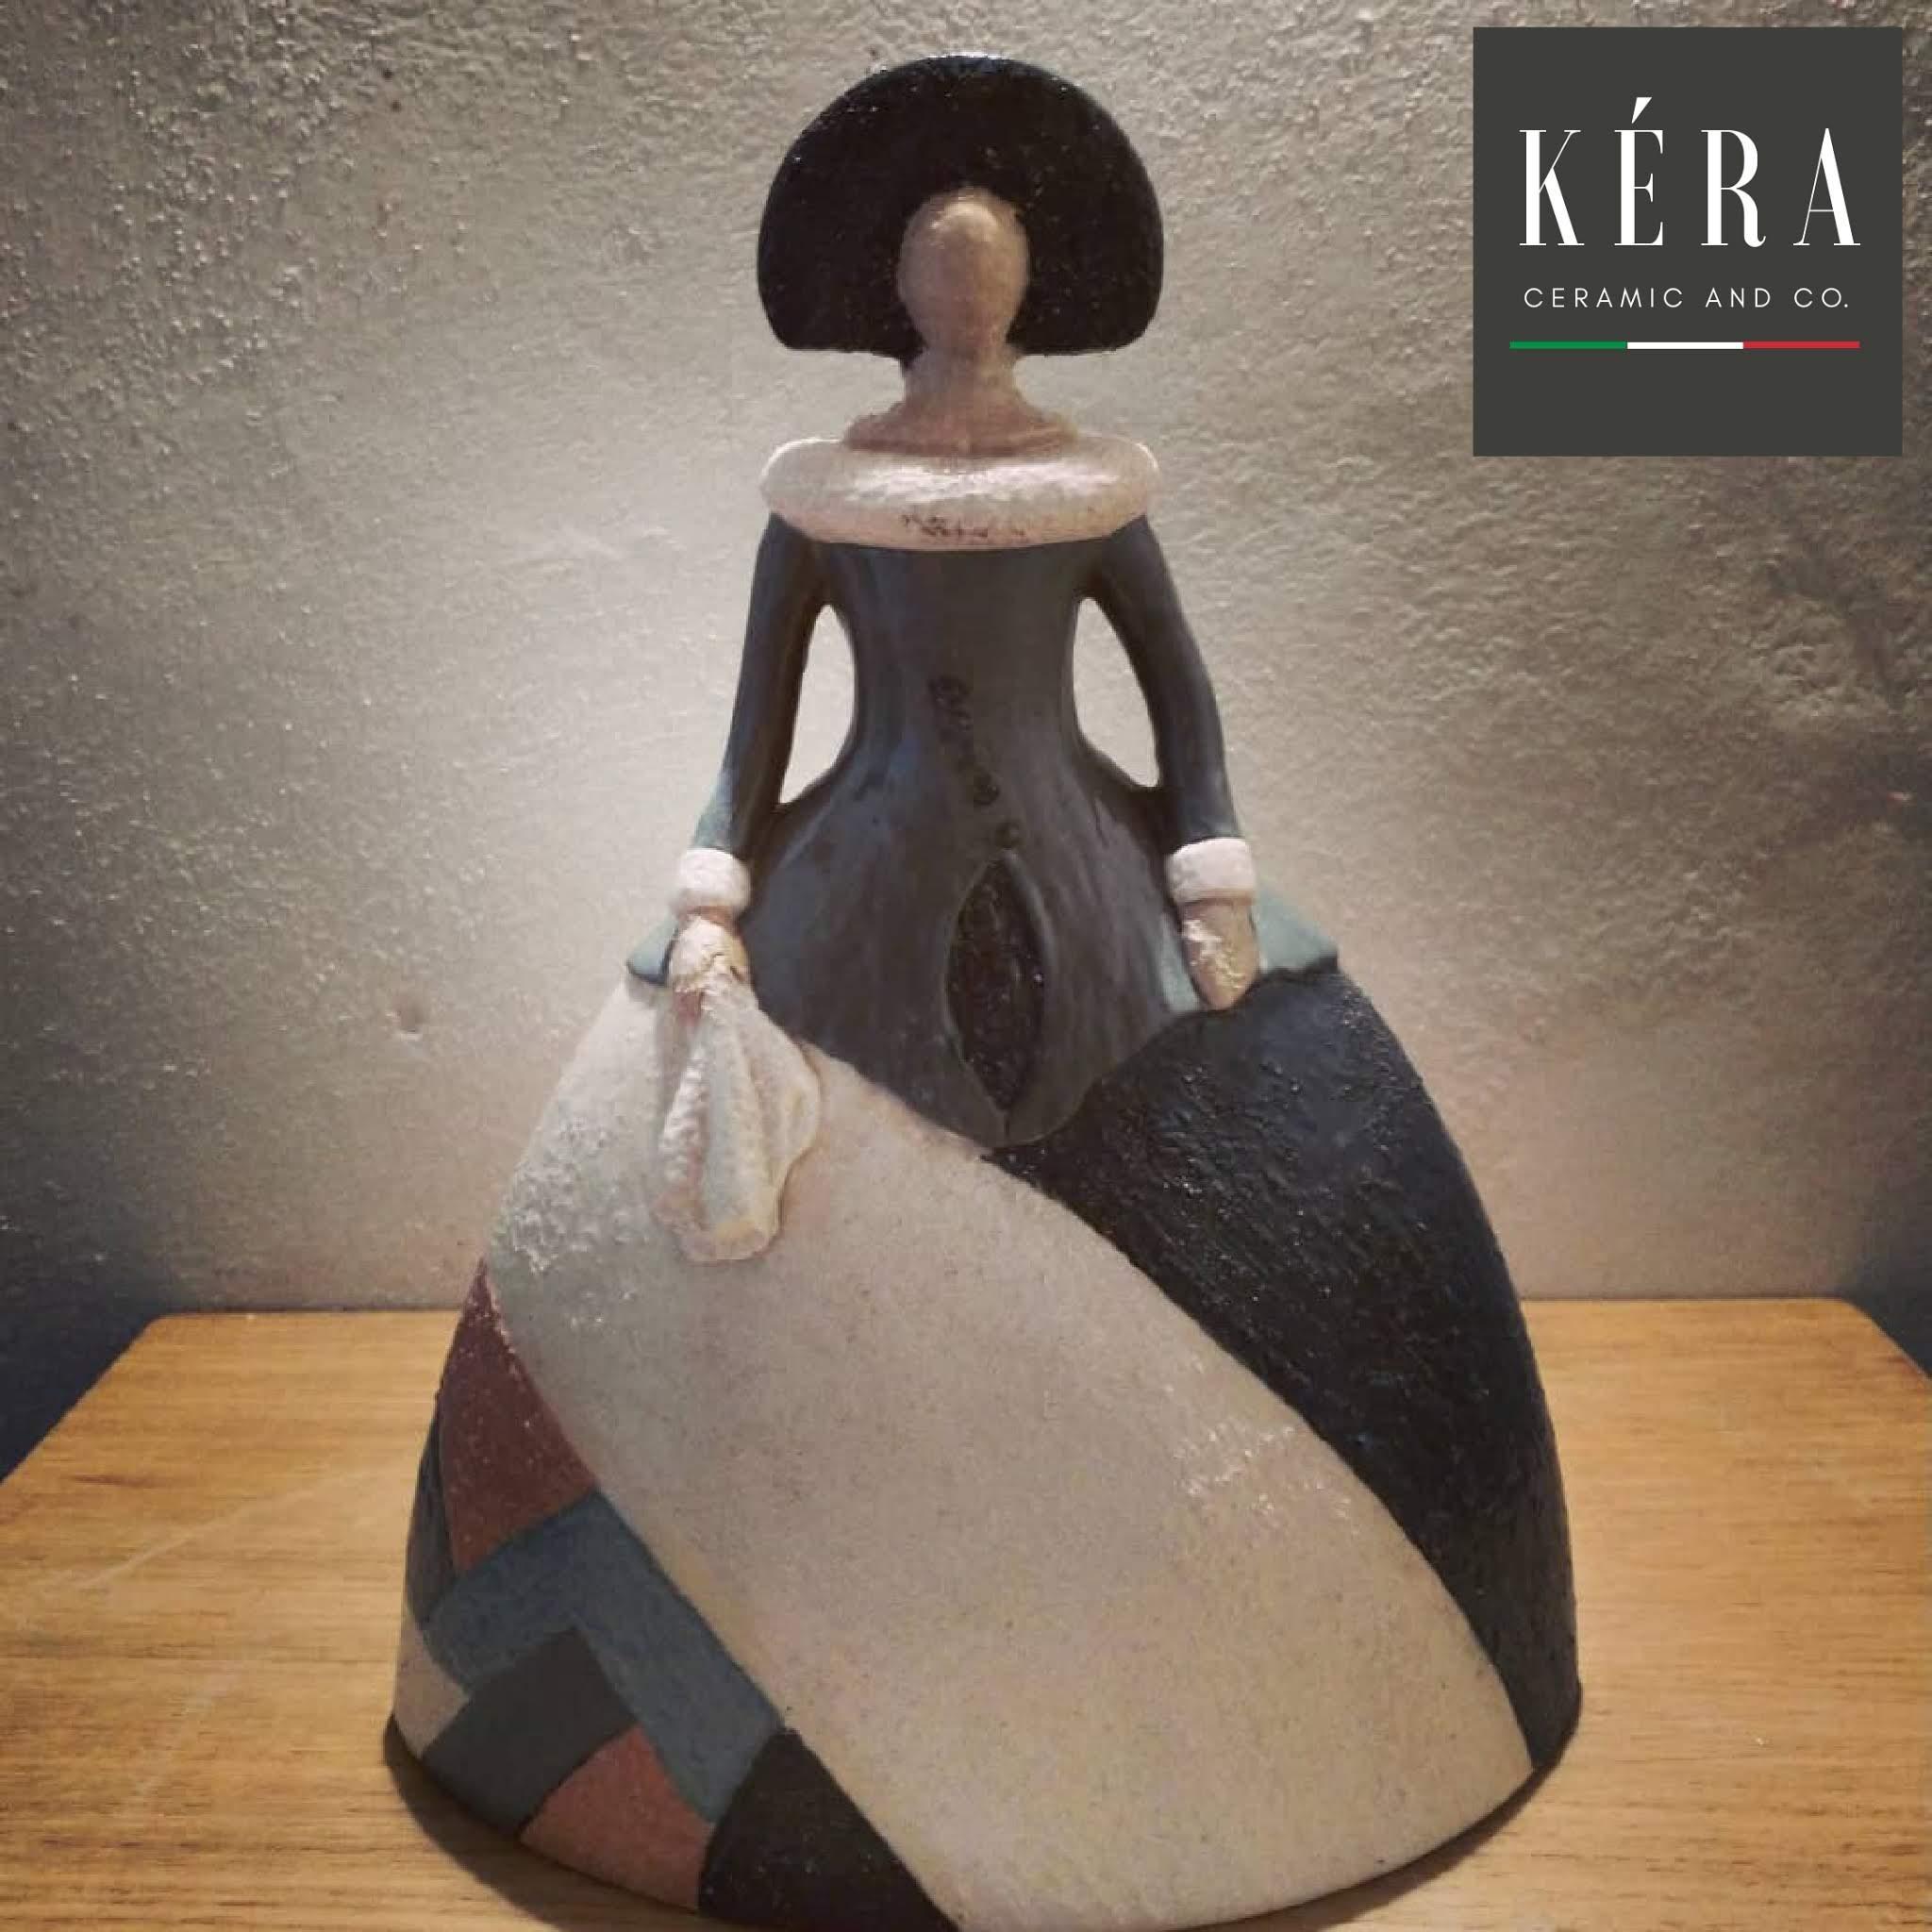 Dama moderna in ceramica / Modern ceramic figurine